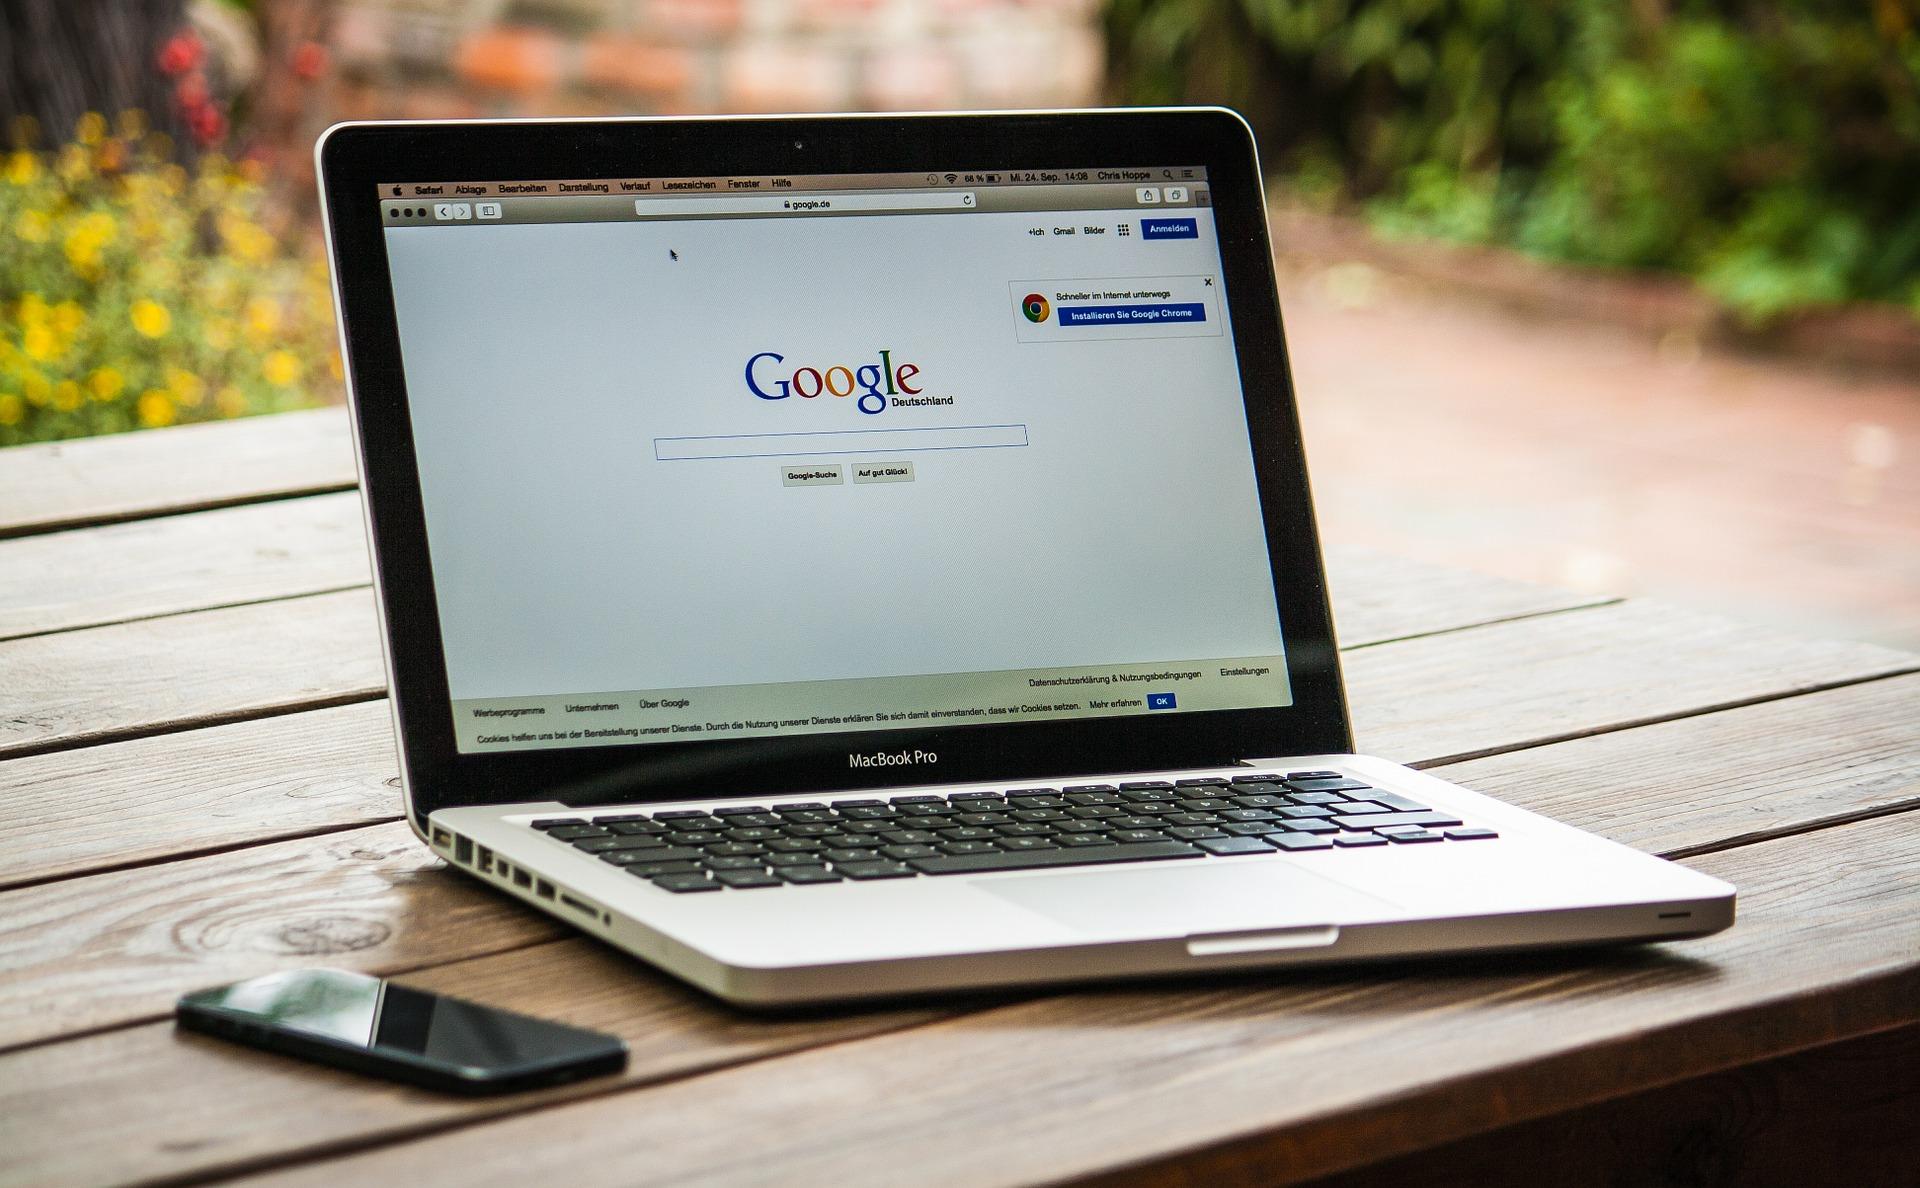 Hacking Google